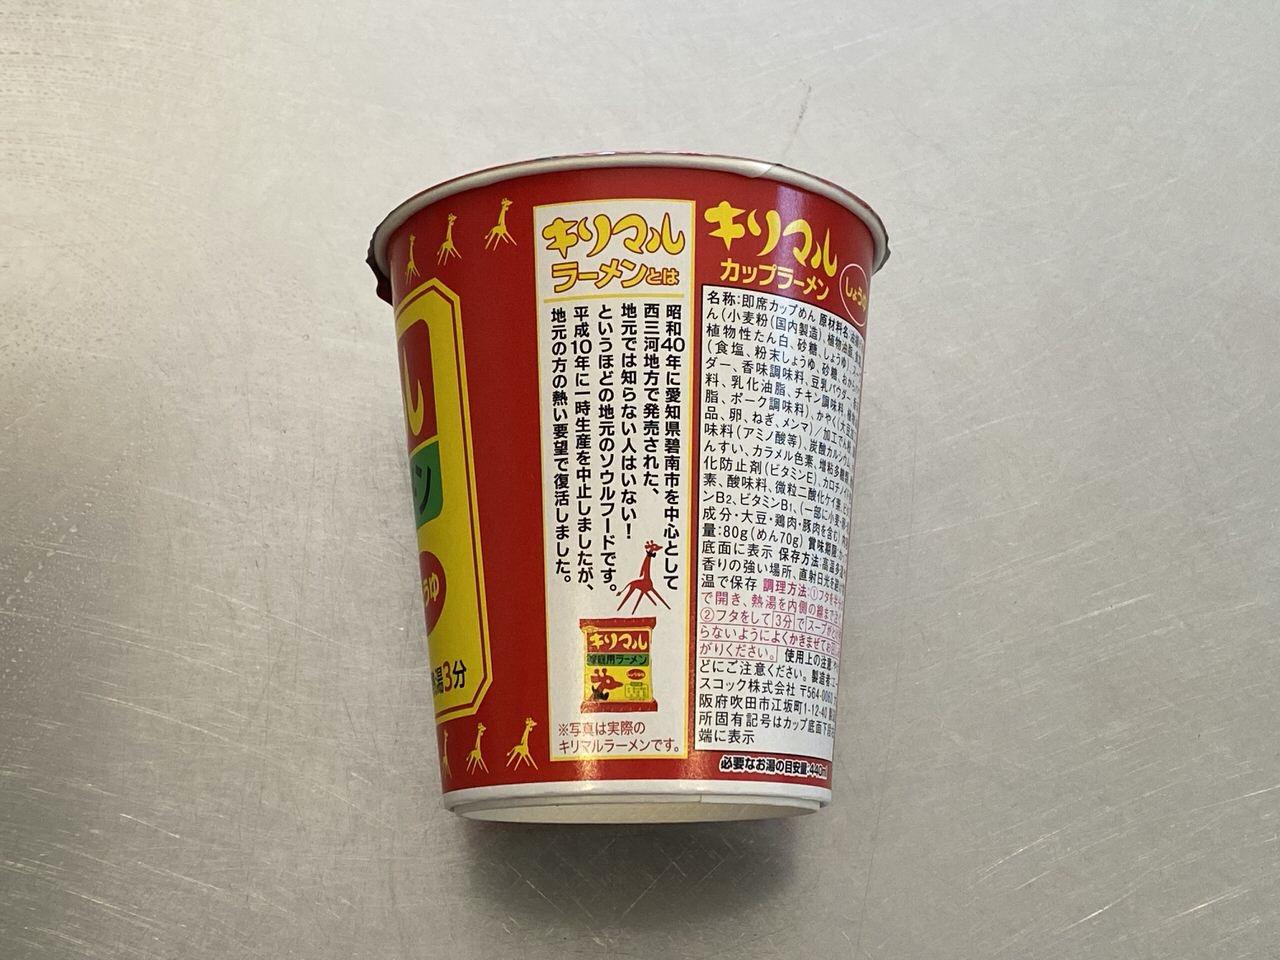 「キリマル カップラーメン」2